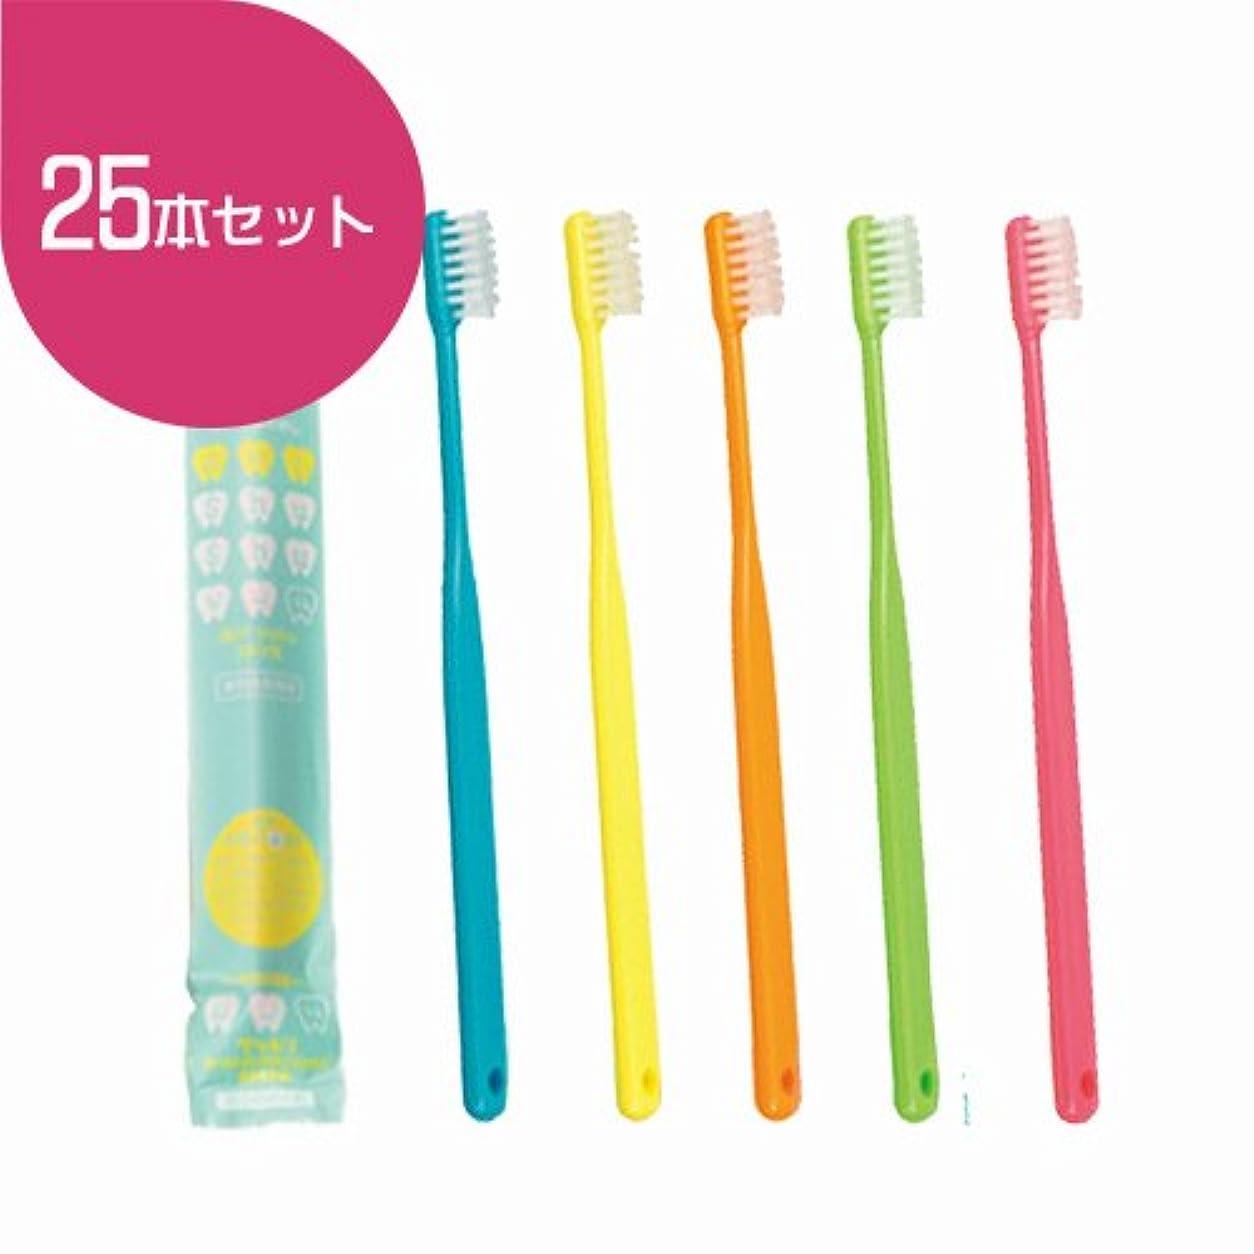 多用途引き算元気なFEED(フィード) 占い!Shu Shu(うらないシュシュ)歯ブラシ×25本 (ふつう(M), 色はおまかせ)